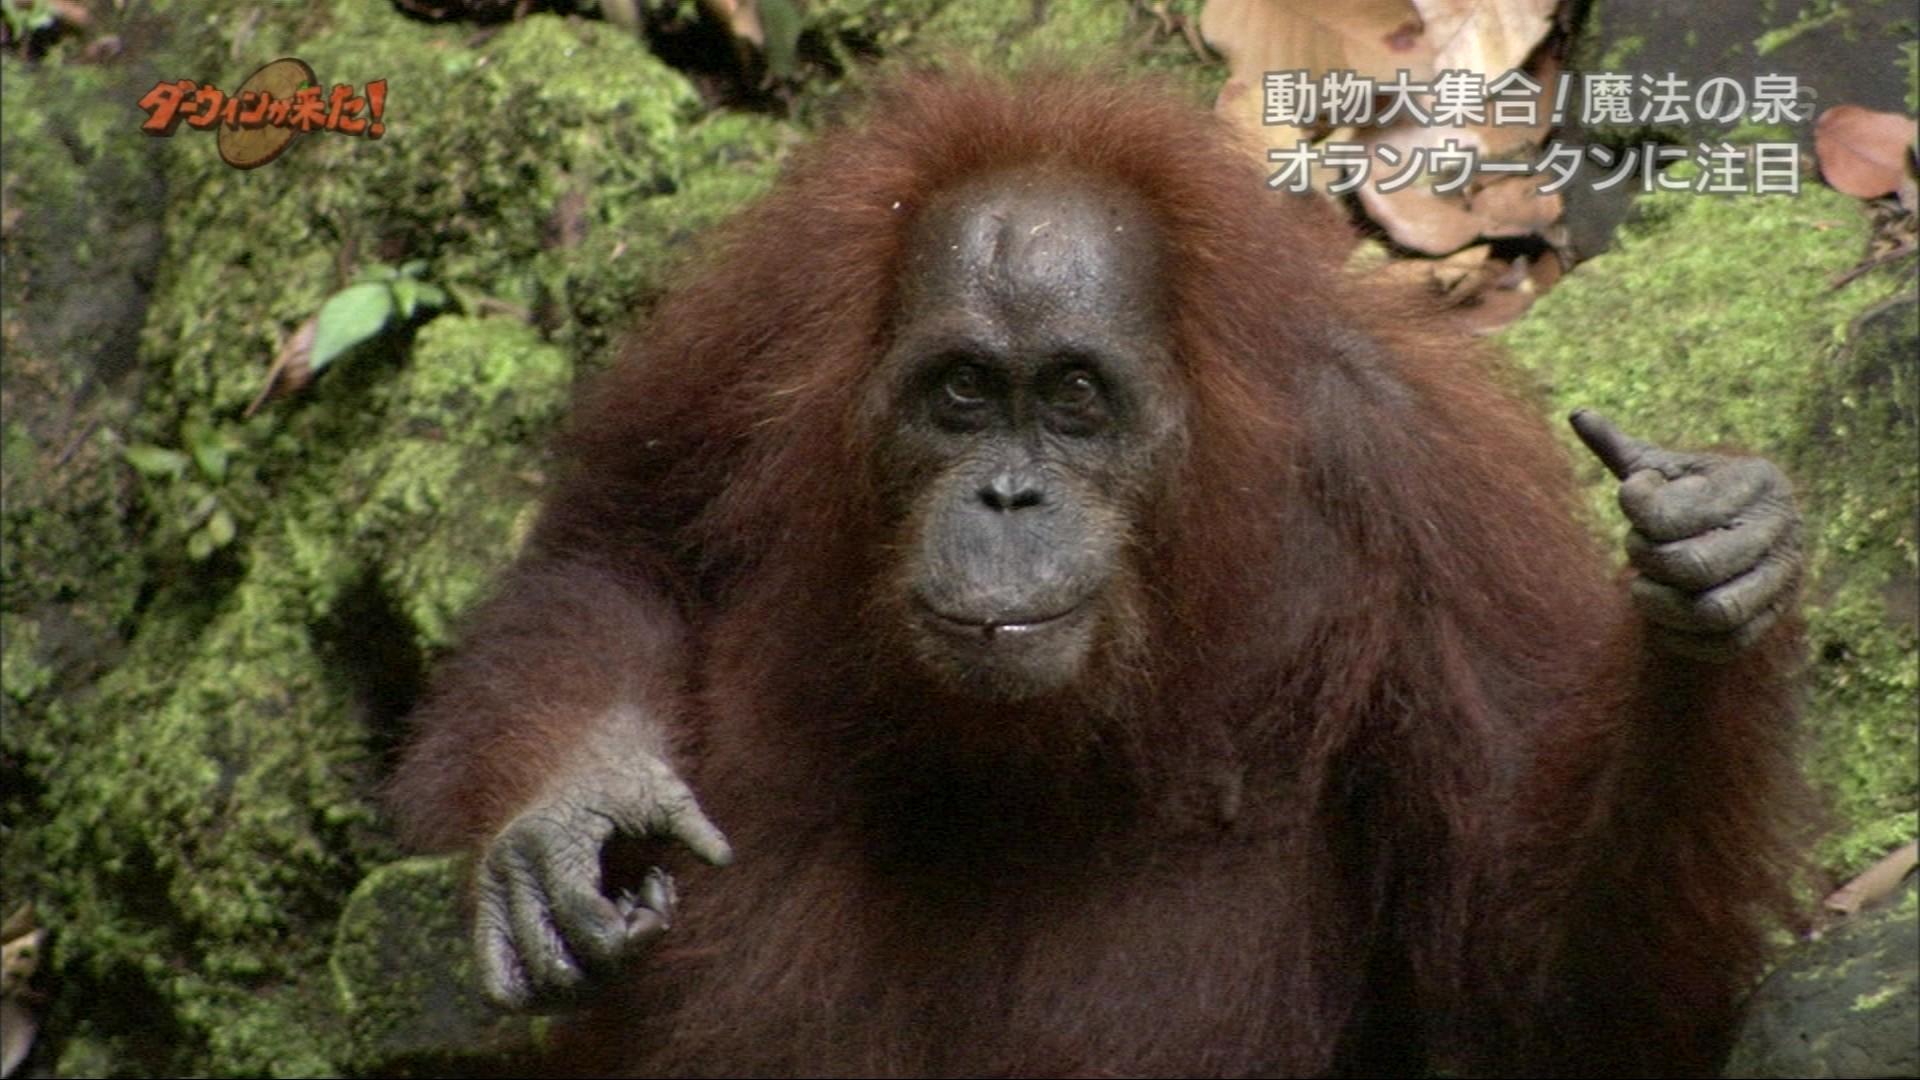 ダーウィンが来た!「ボルネオ熱帯雨林・魔法の泉に動物大 ...